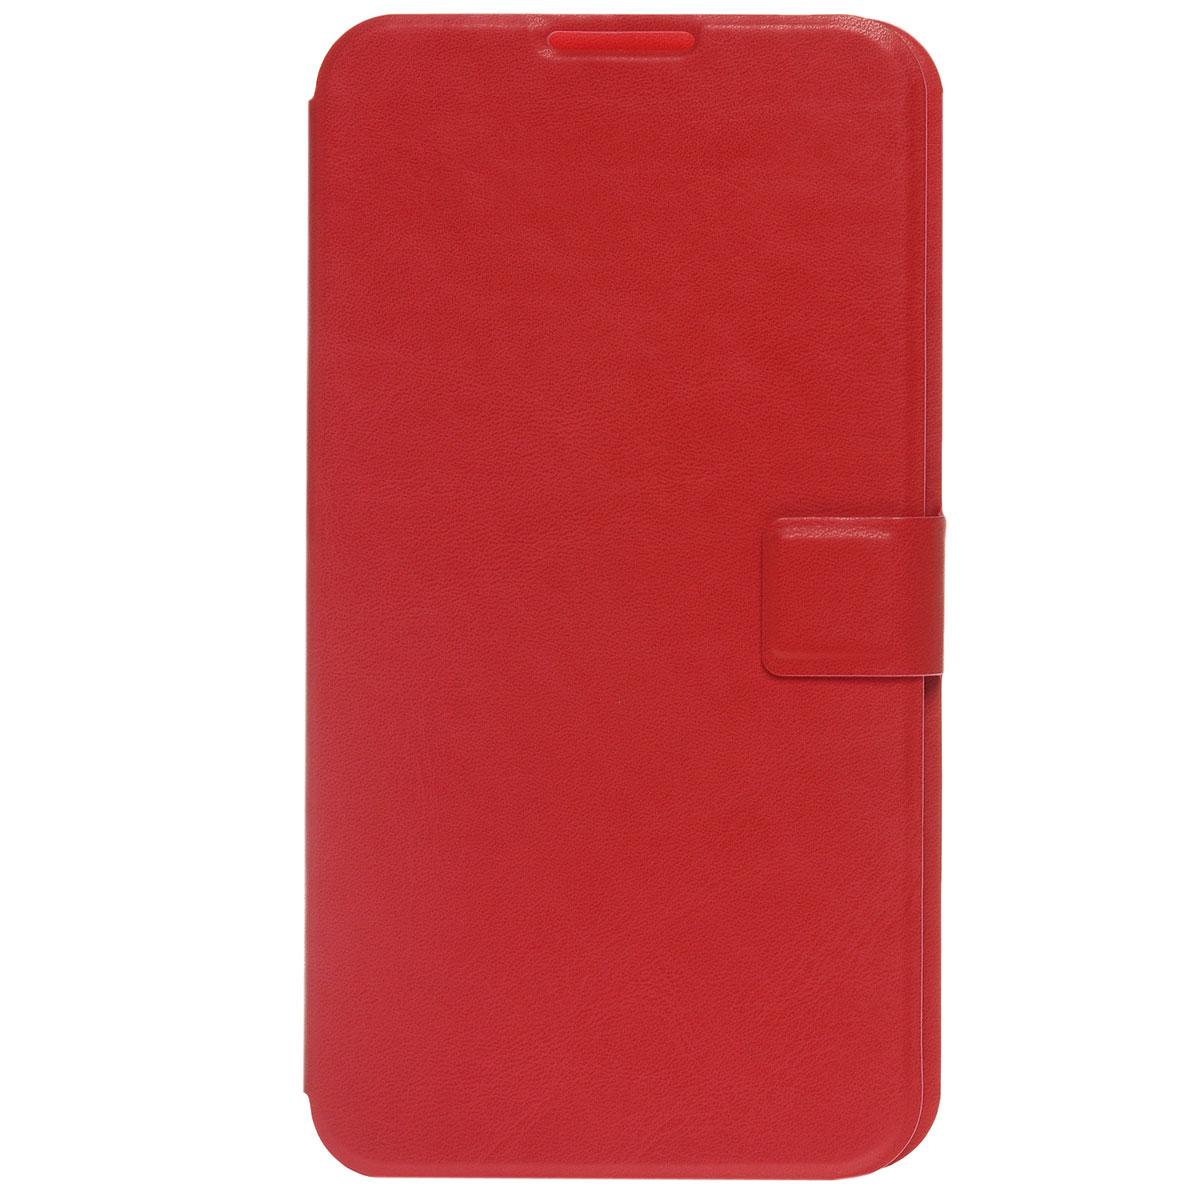 Ecostyle Shell универсальный чехол для телефонов с экраном 5.6-6, RedESH-B-UNI56-REDEcostyle Shell - универсальный чехол-книжка, который надежно защитит ваш телефон от механических повреждений, грязи и пыли. Конструкция чехла обеспечивает свободный доступ к разъемам, камере и основным функциям смартфона. Мягкая внутренняя поверхность защищает экран устройства от царапин.